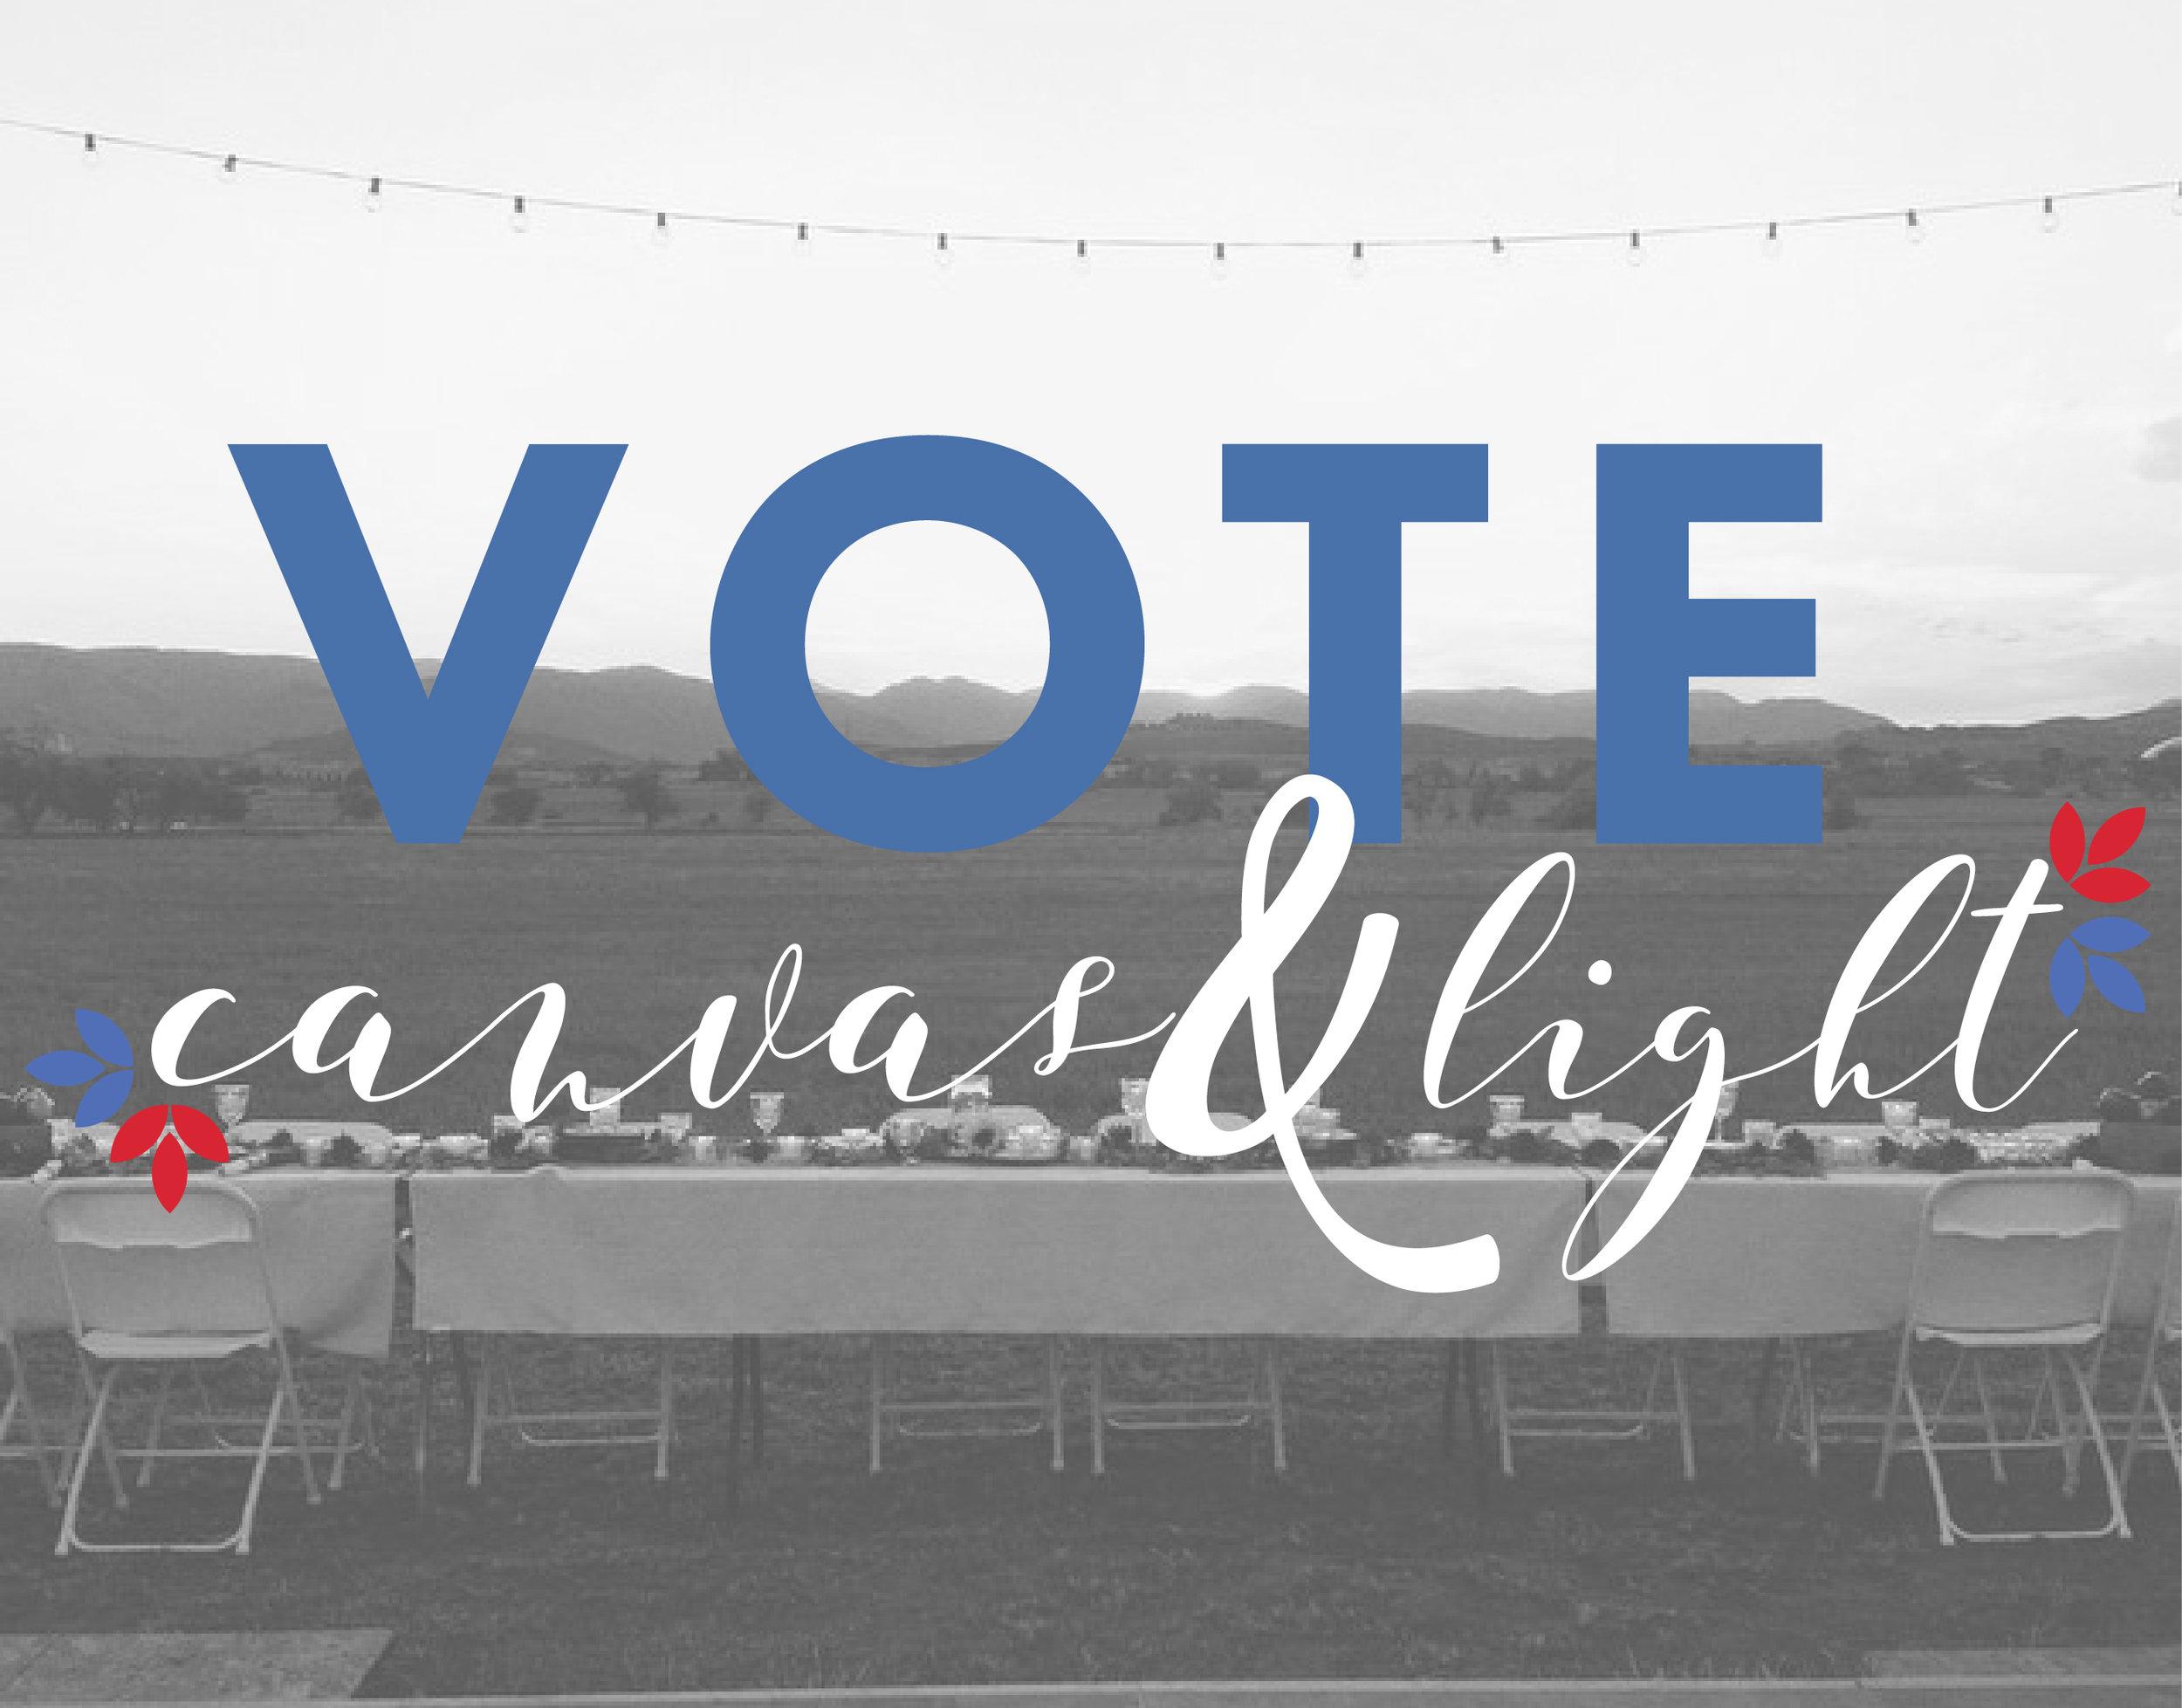 VOTE C&L